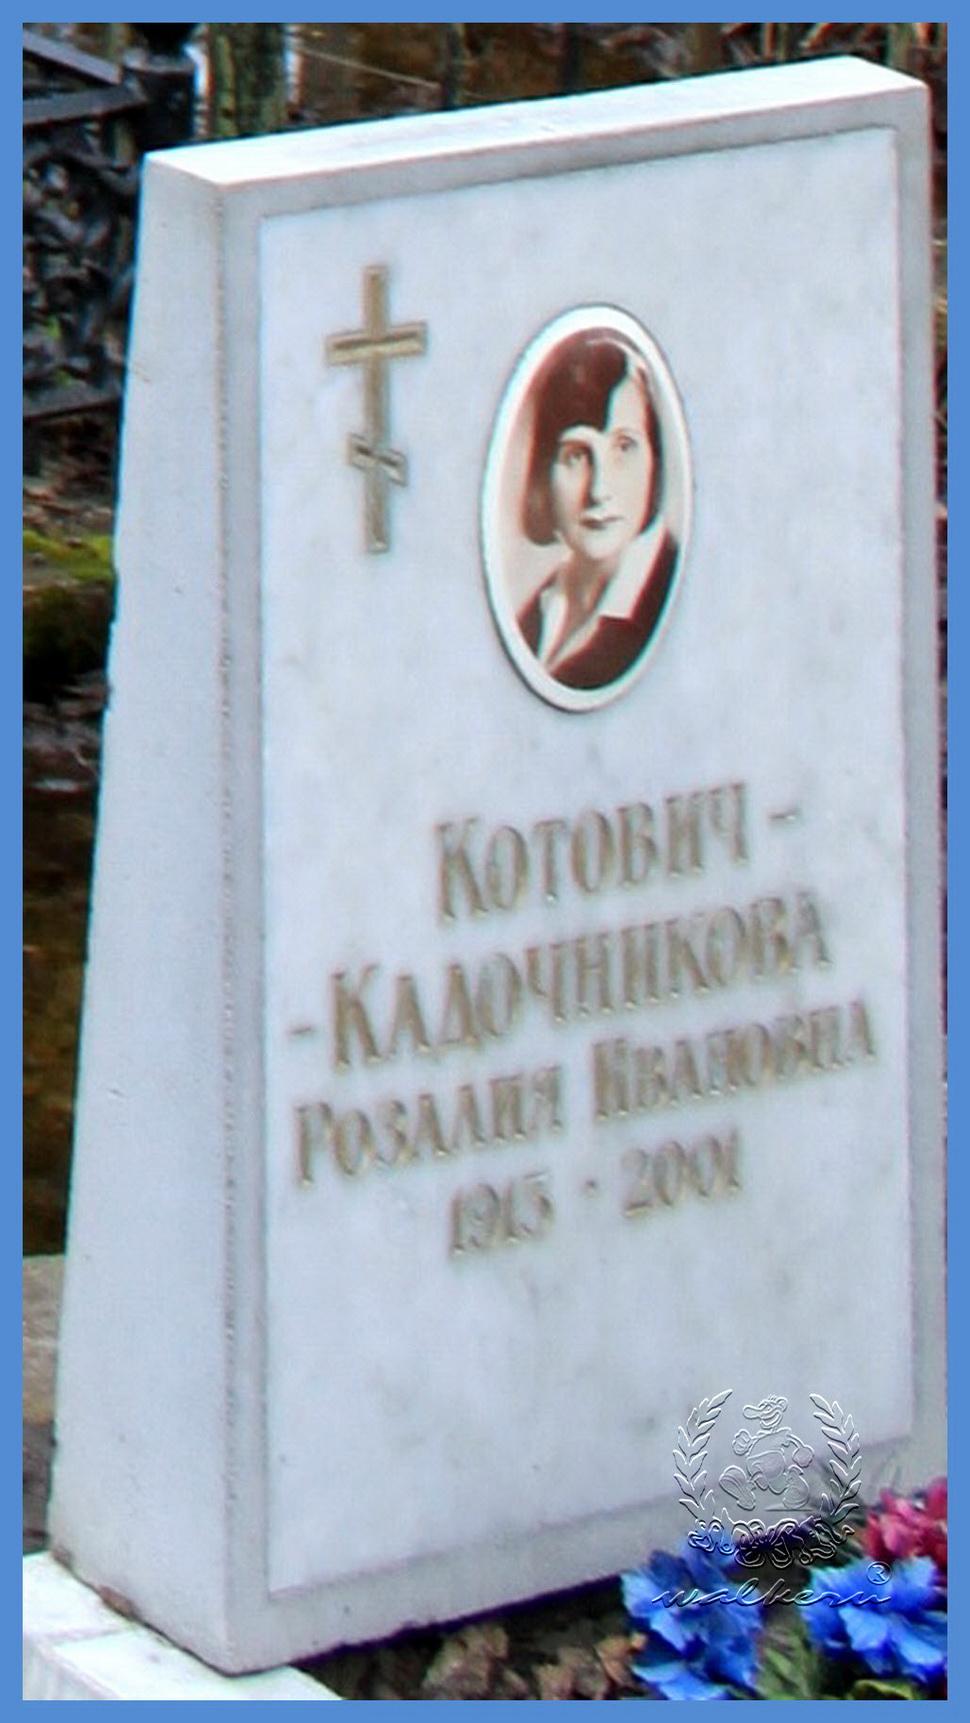 Котович Розалия Ивановна